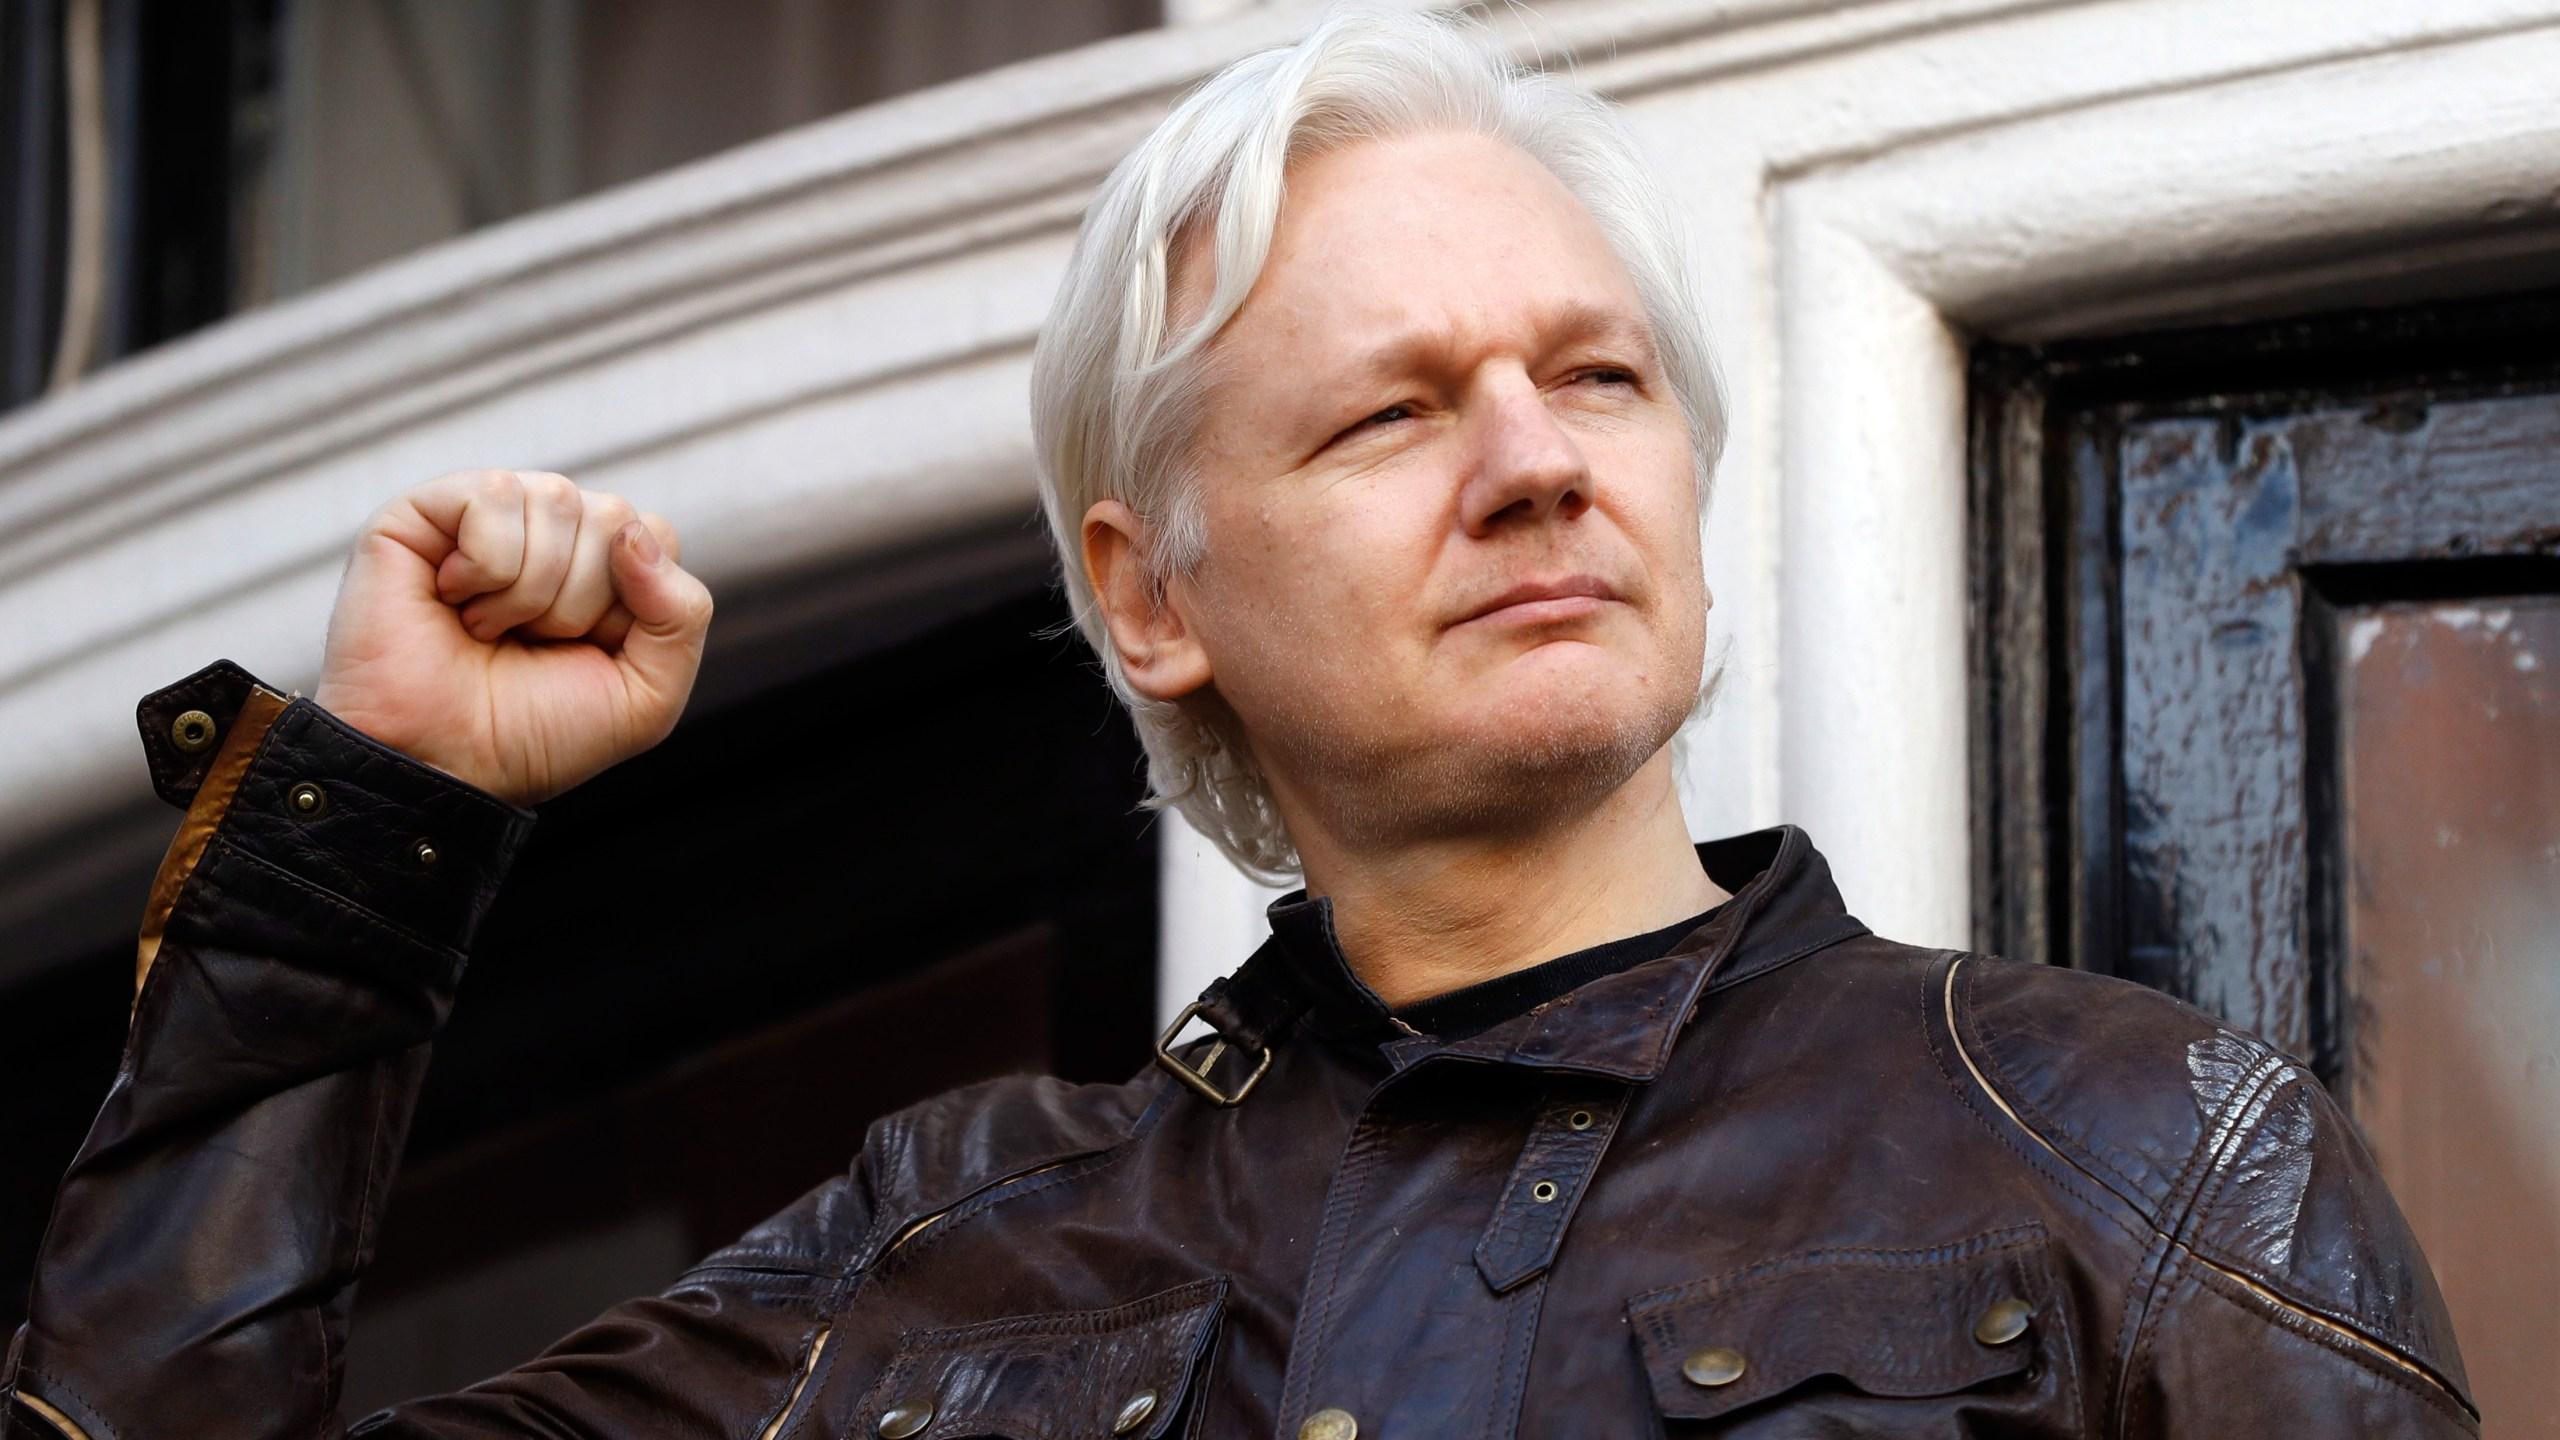 Julian-Assange-WEB_1539799235072.jpg